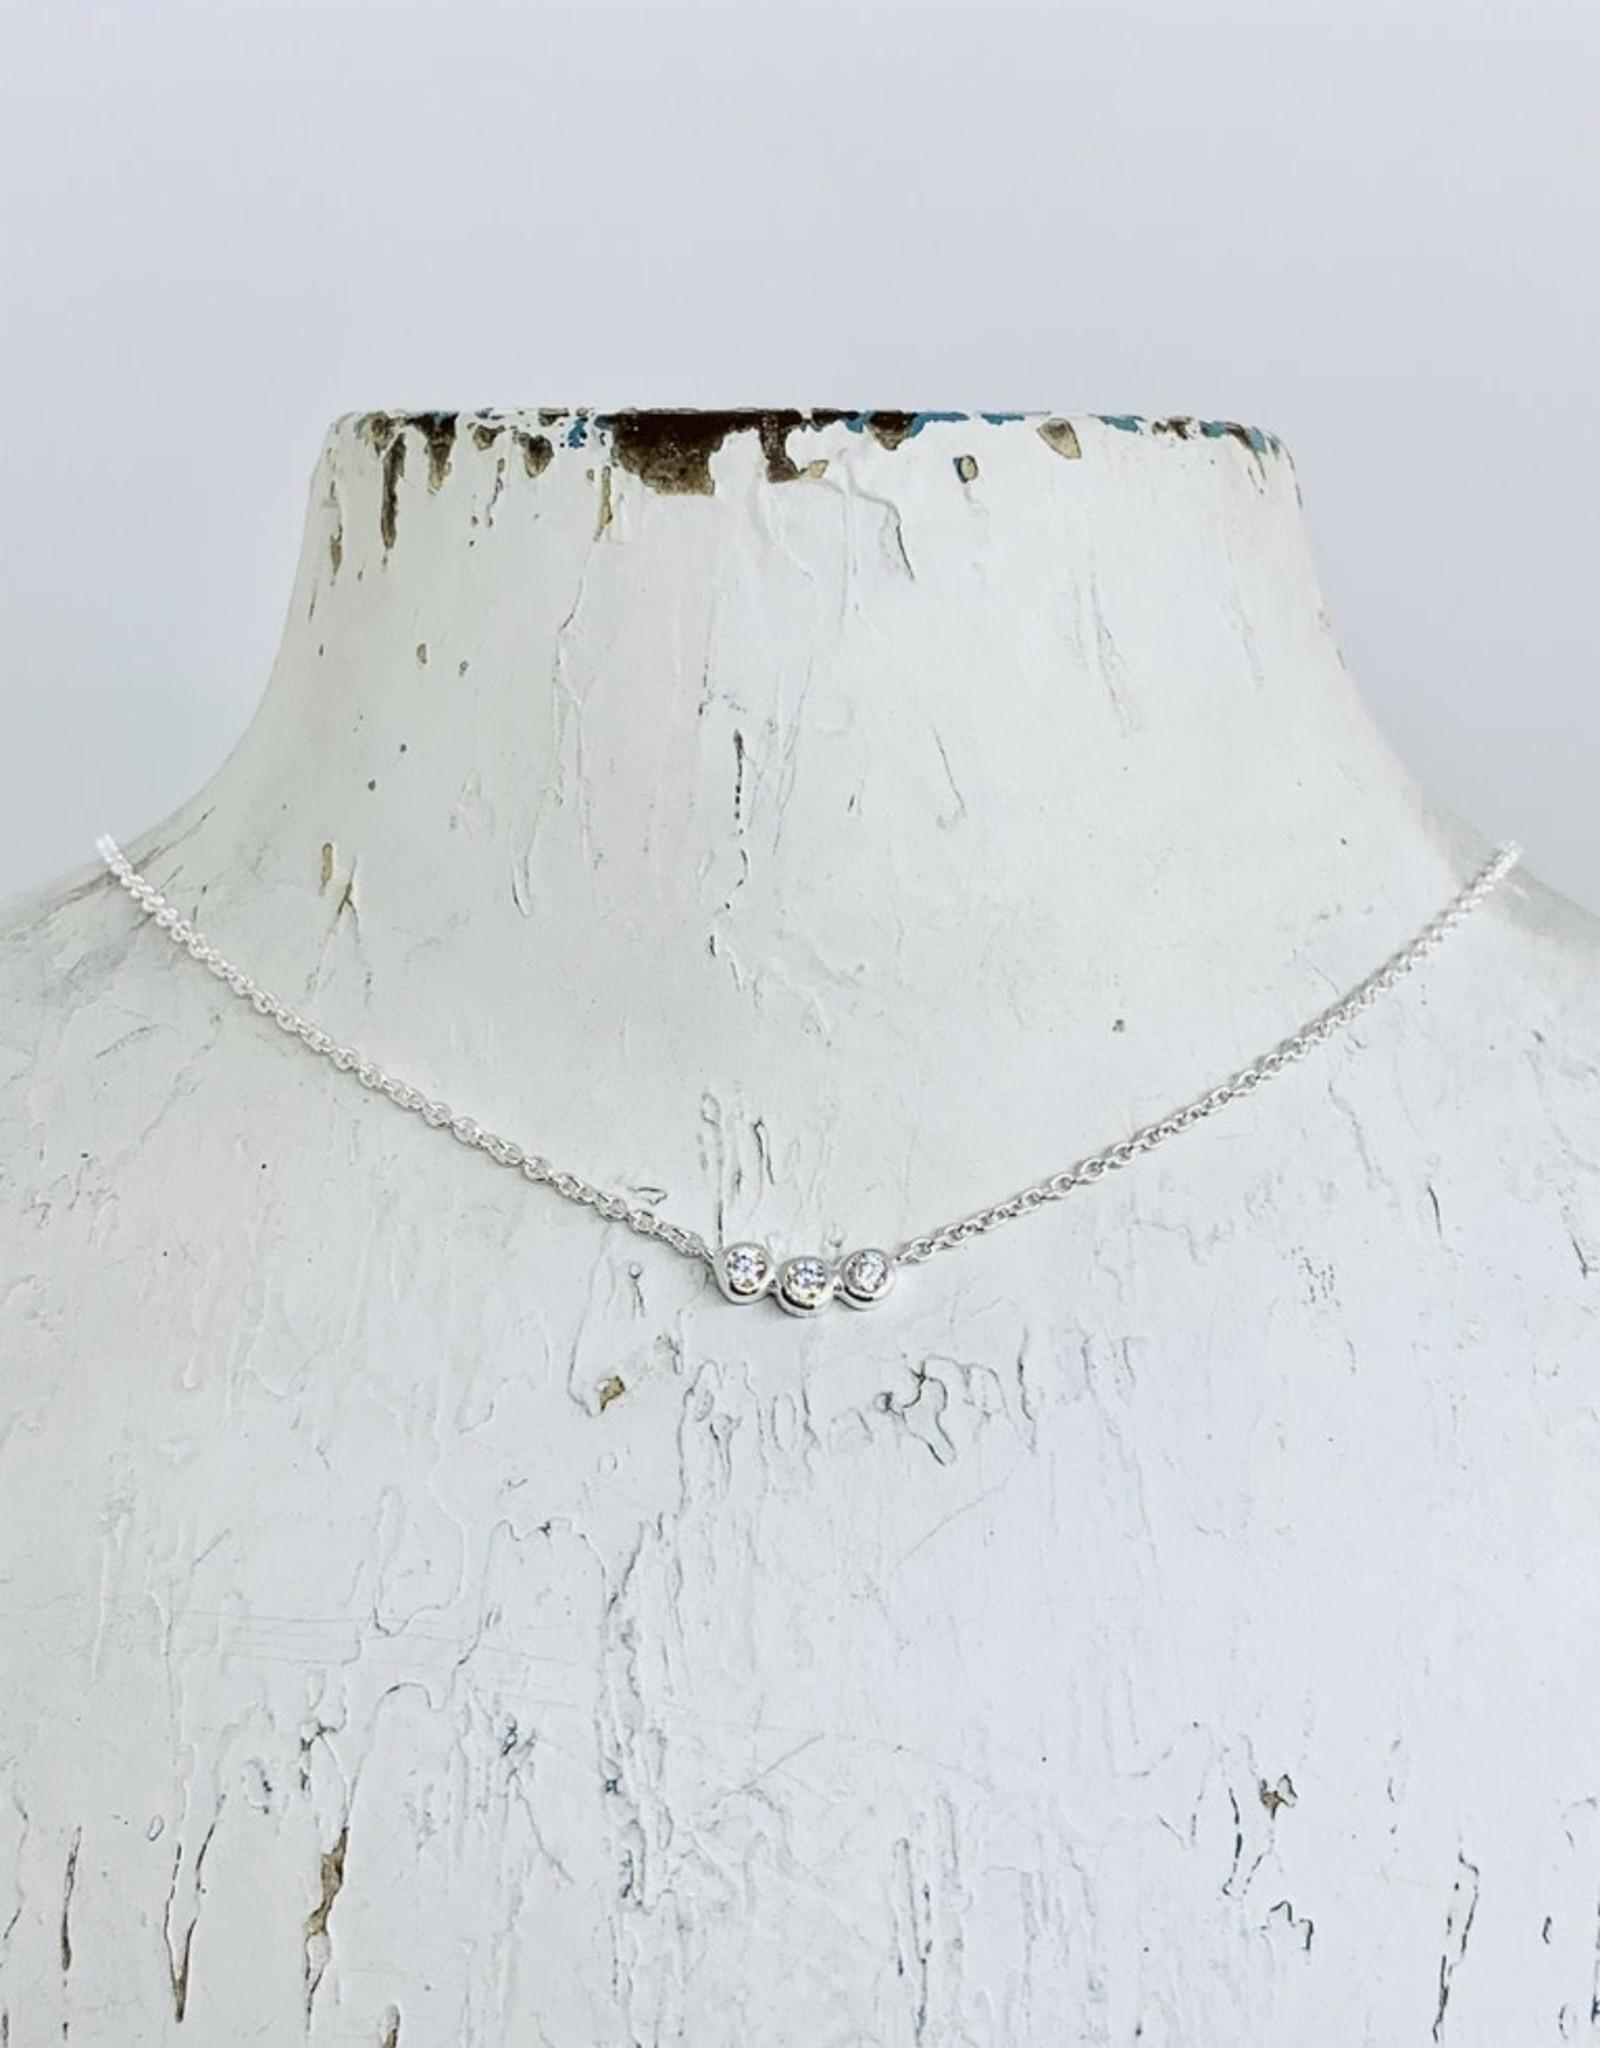 Sterling Silver Necklace with 3 Bezel Set CZs